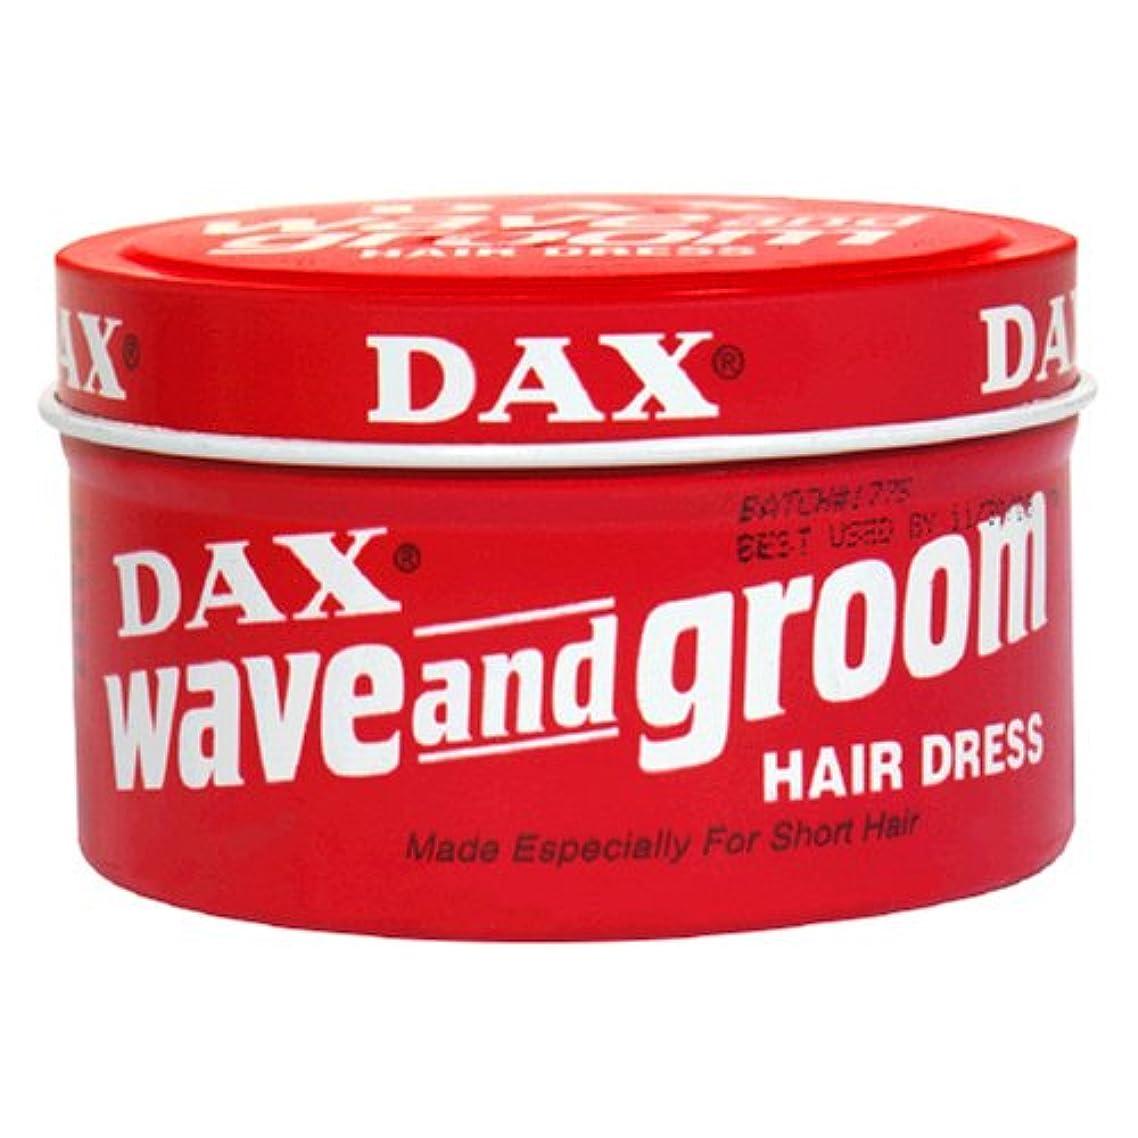 送った心理学平日Dax Wave & Groom Hair Dress 99 gm Jar (Case of 6) (並行輸入品)